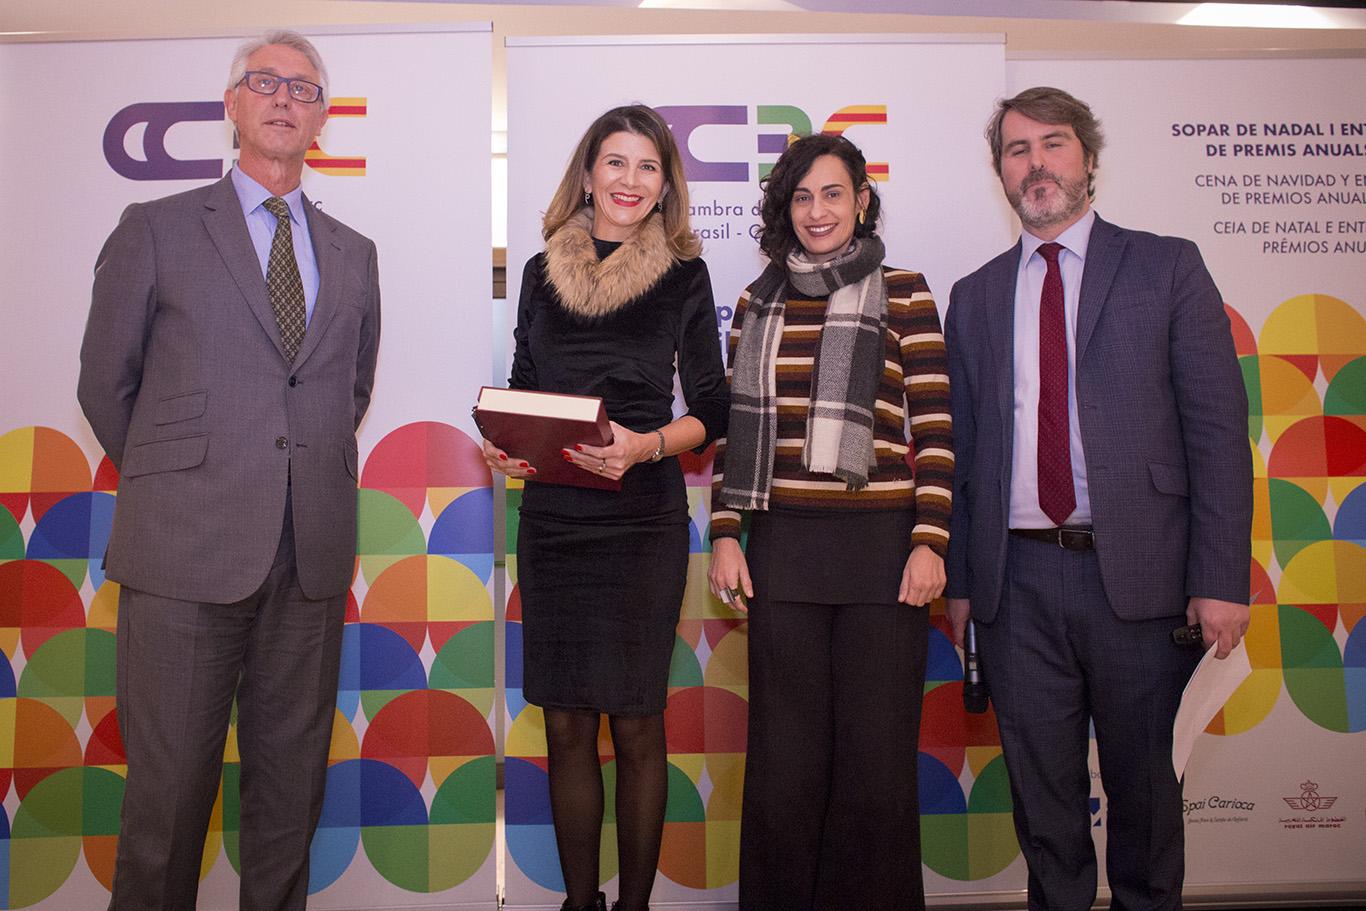 La CCBC lliura els seus premis d'honor en el sopar de Nadal